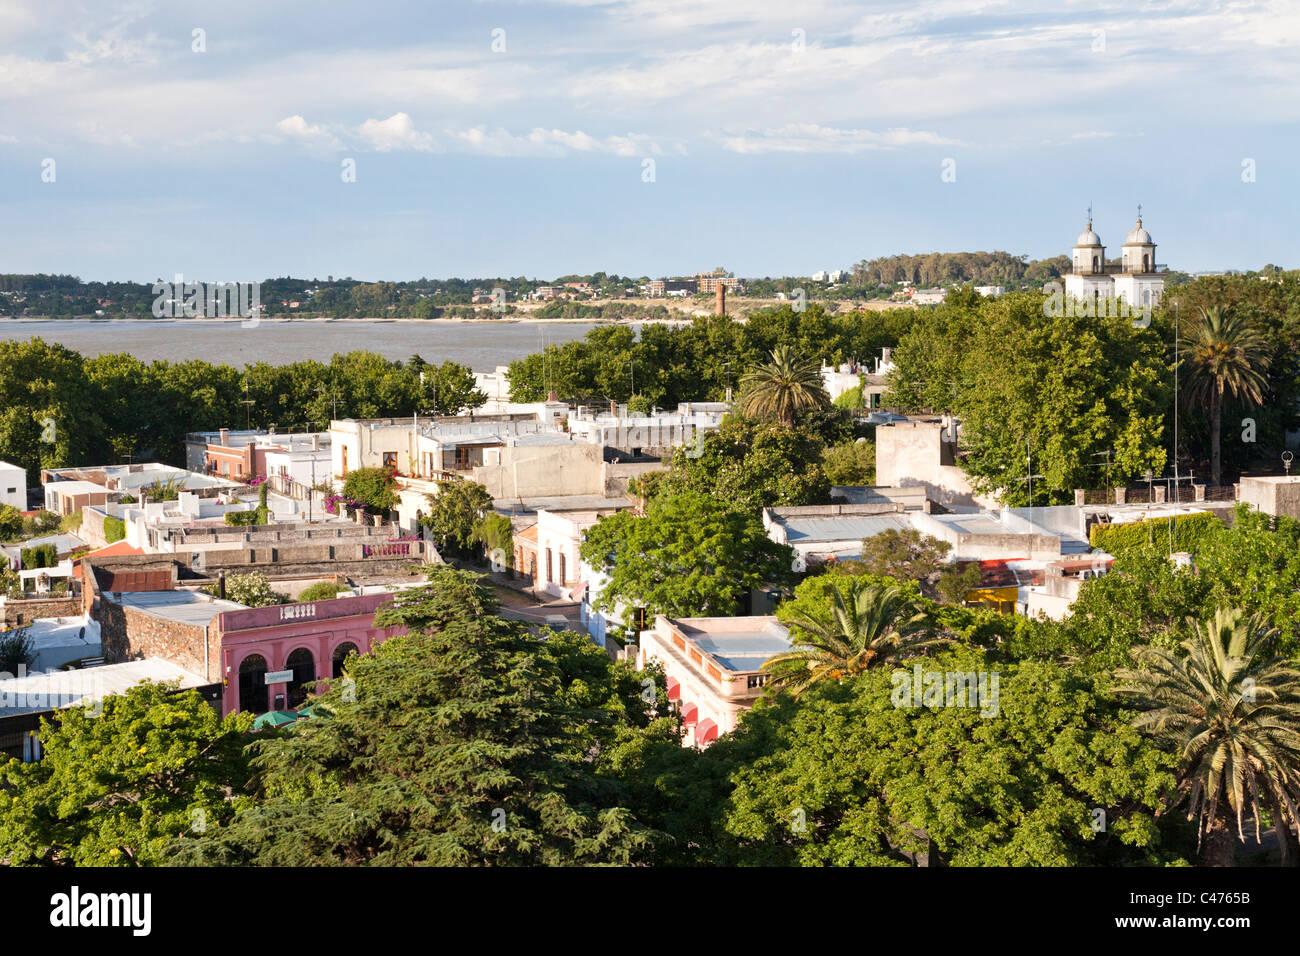 Barrio Historico, Colonia del Sacramento, Uruguay Photo Stock